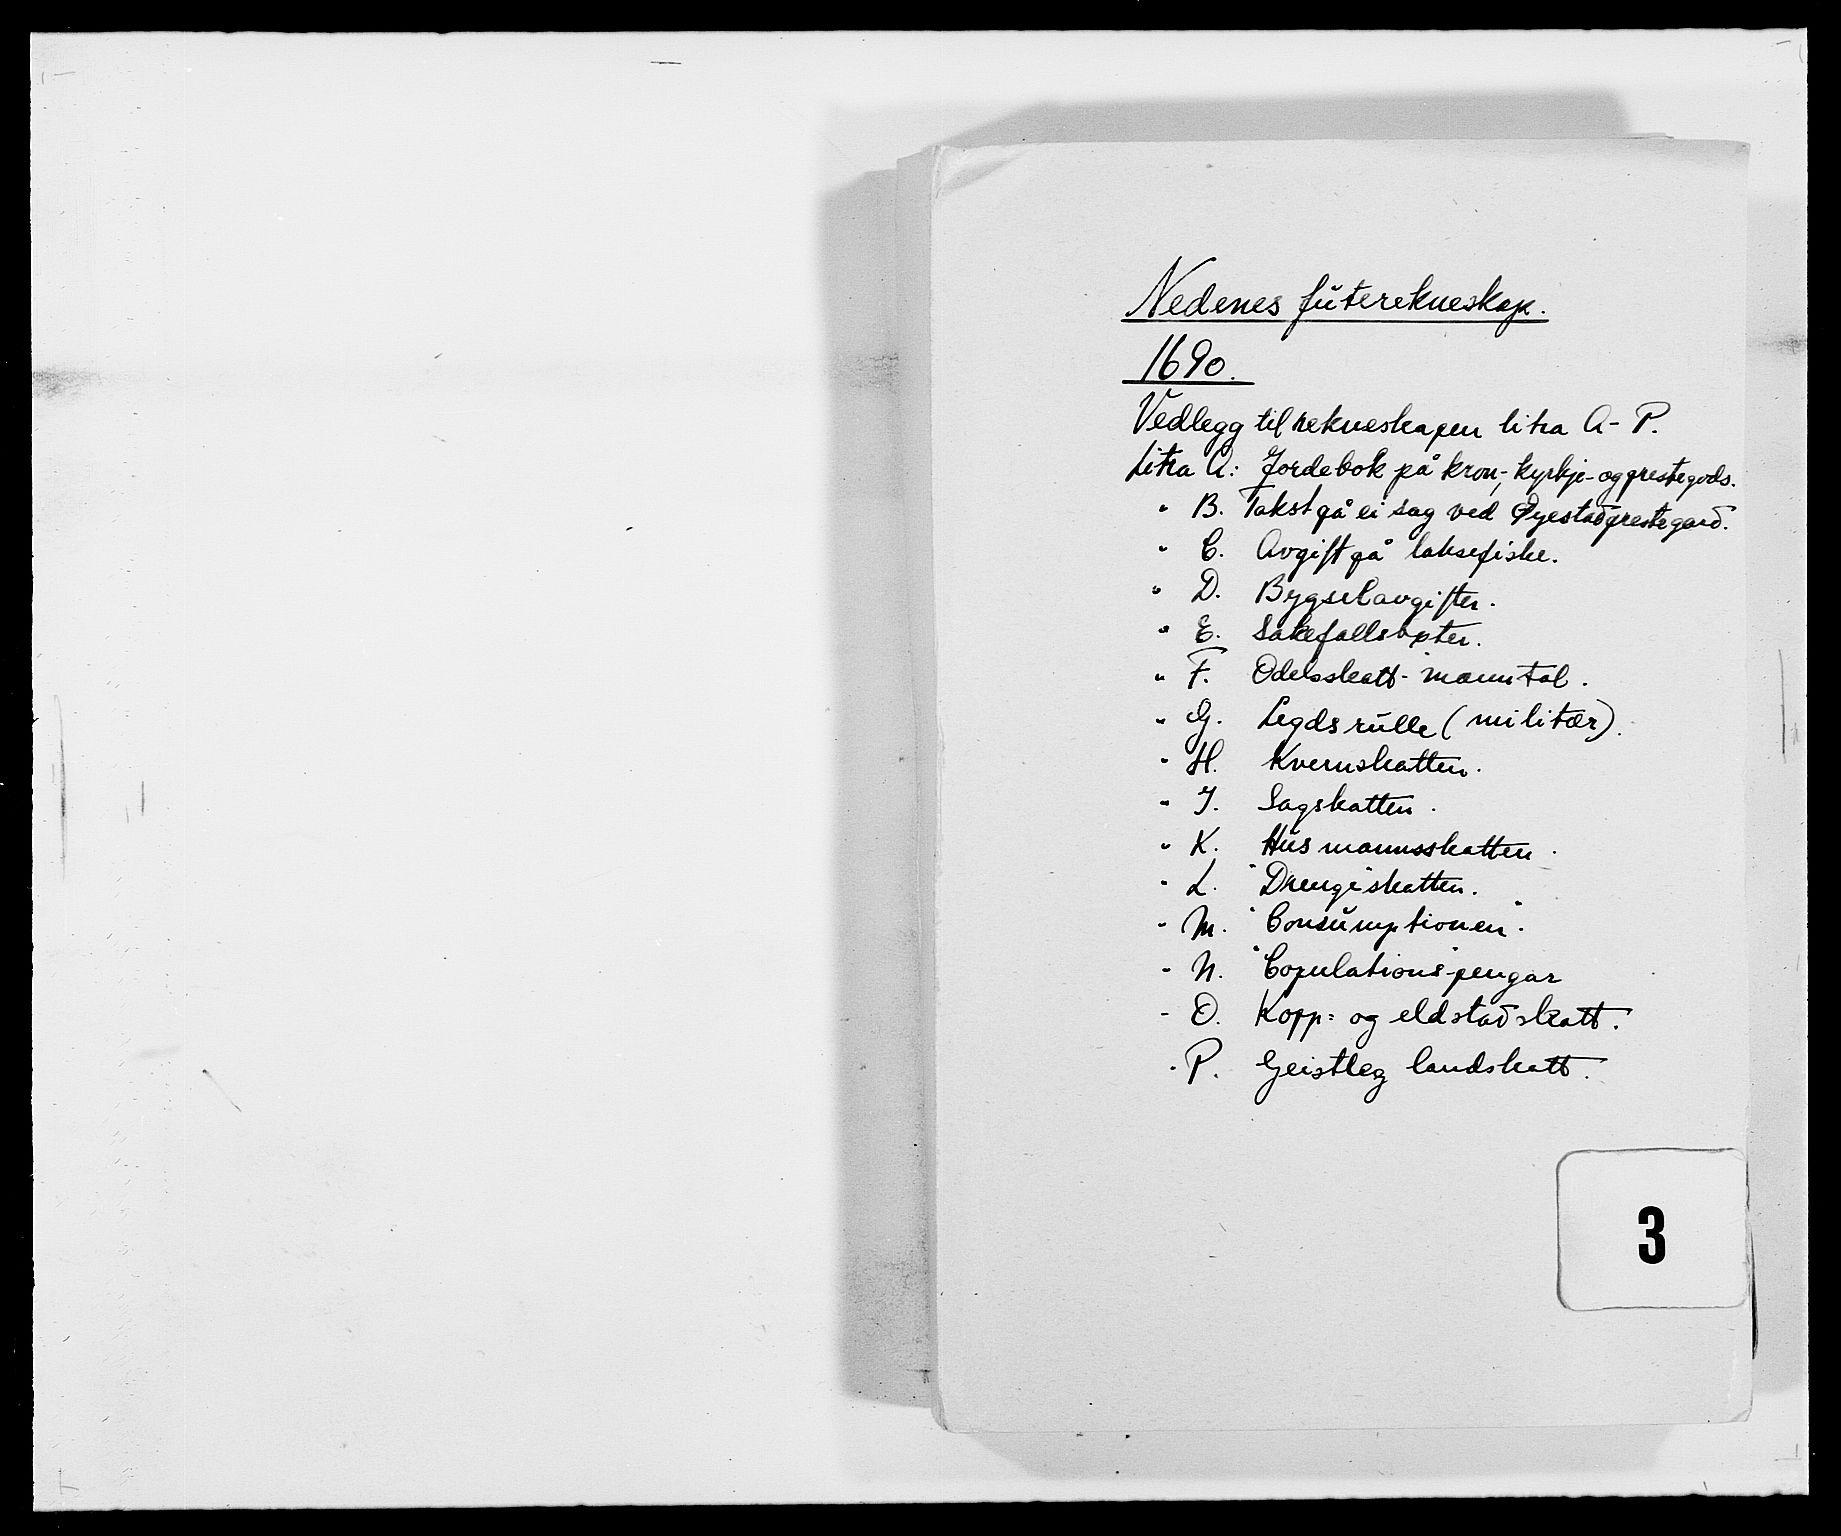 RA, Rentekammeret inntil 1814, Reviderte regnskaper, Fogderegnskap, R39/L2310: Fogderegnskap Nedenes, 1690-1692, s. 103